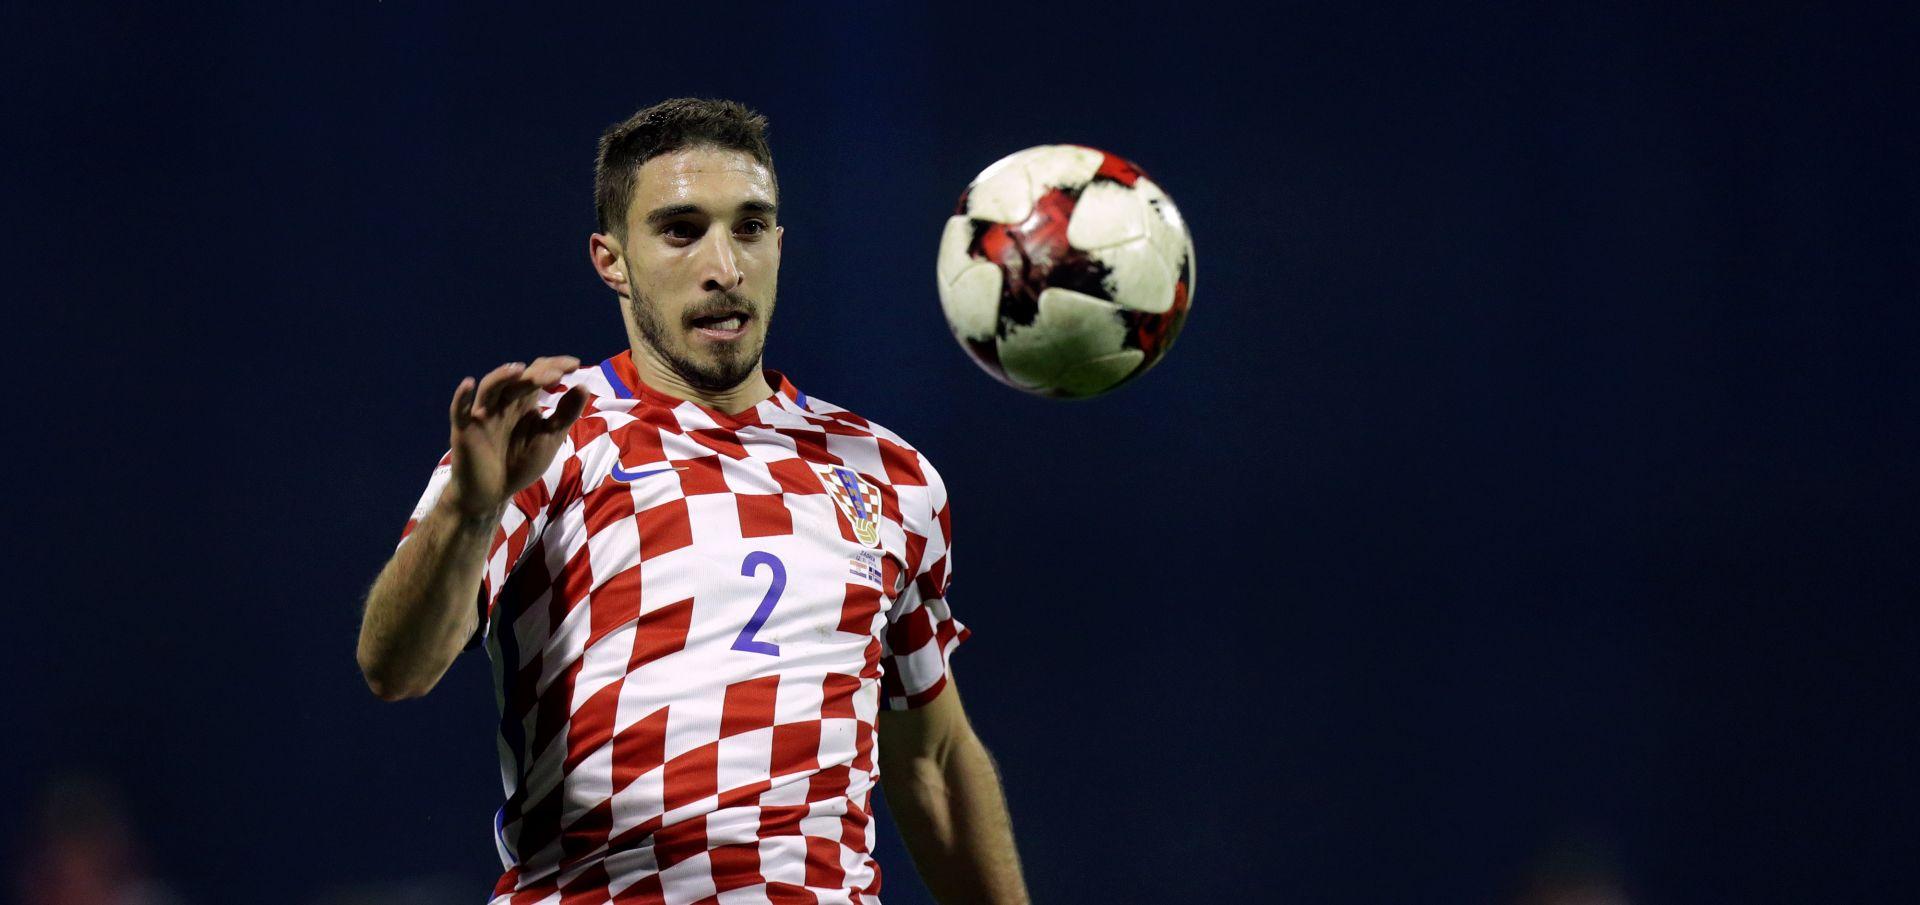 JOŠ NIJE SPREMAN Simeone izostavio Vrsaljka za polufinale Lige prvaka